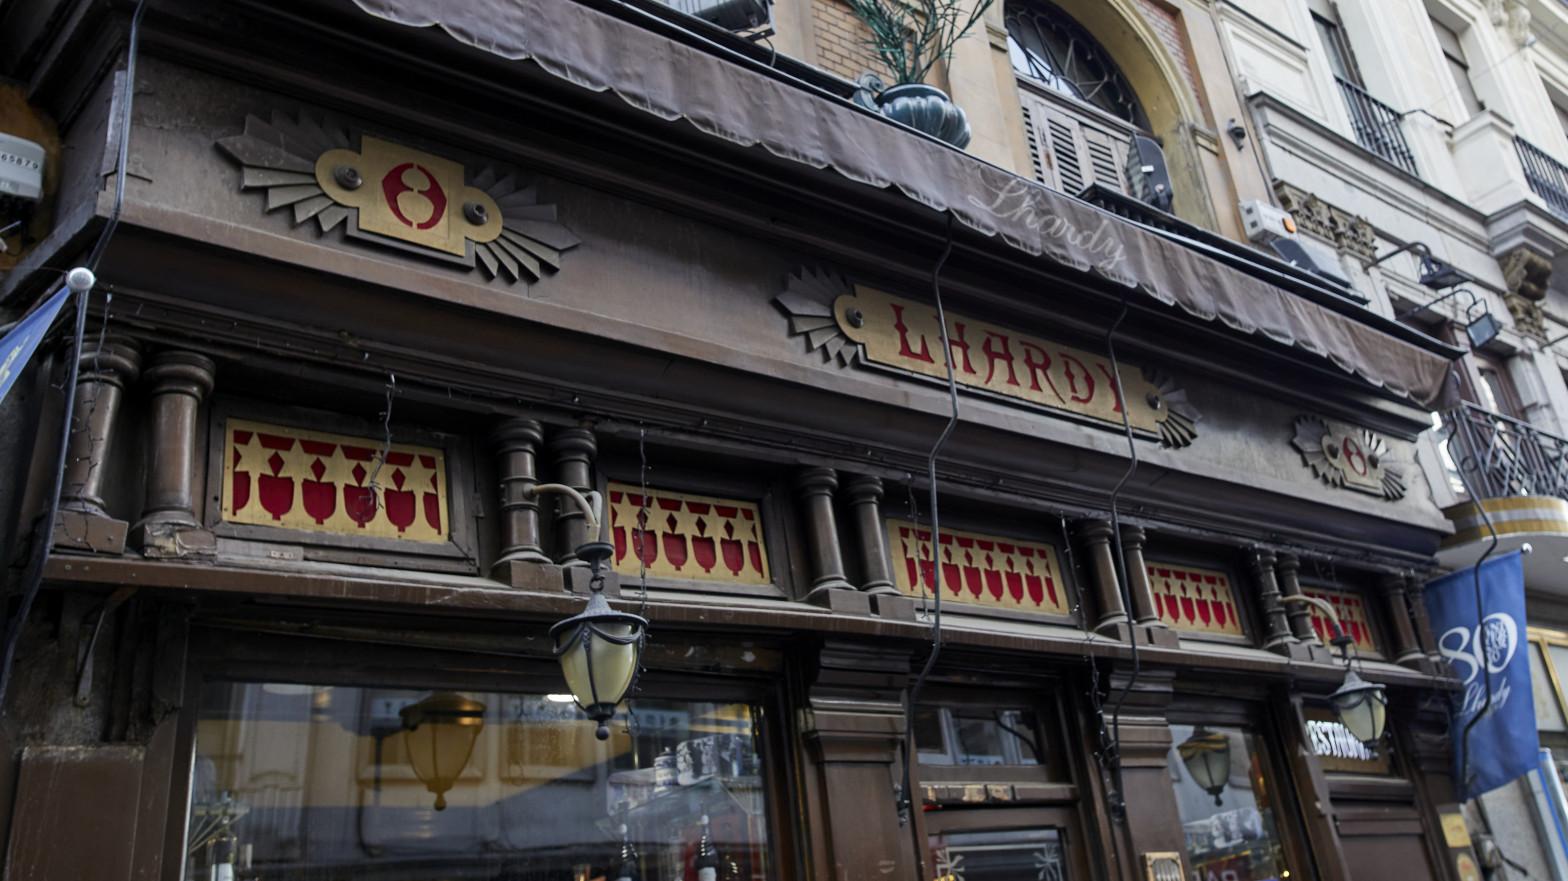 El restaurante Lhardy, en Madrid (España).